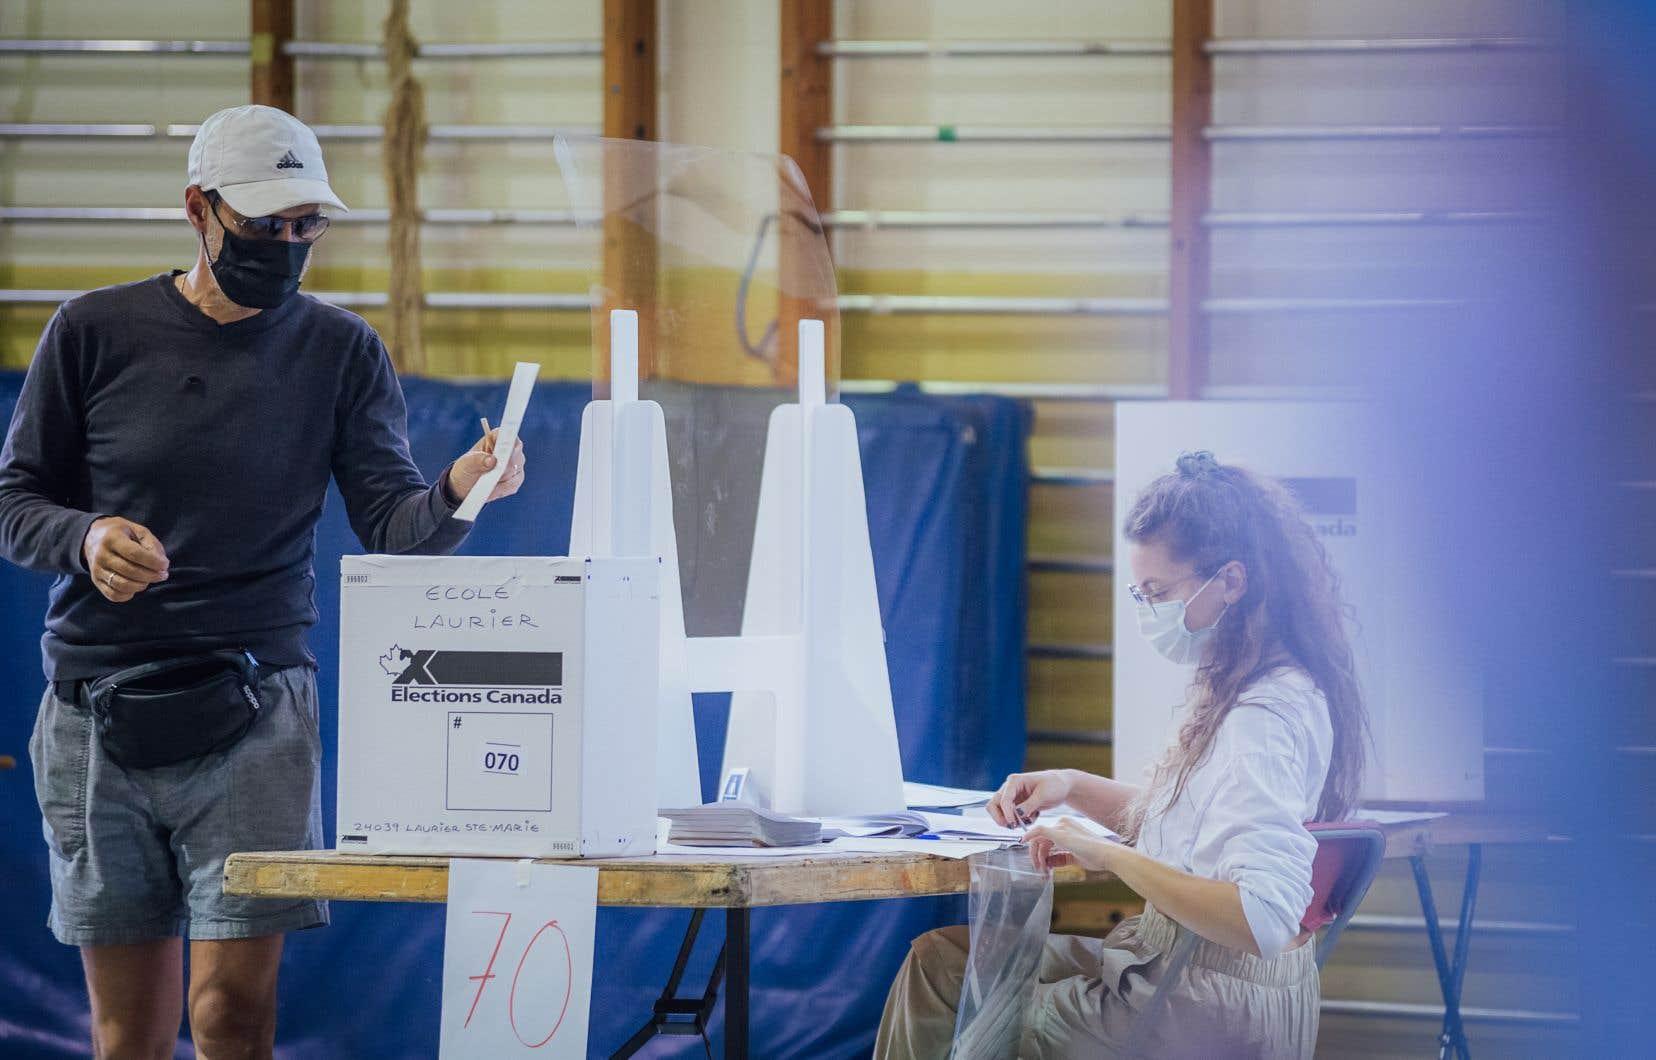 Au total, 14440 bureaux de vote étaient ouverts à travers le Canada lundi, comparativement à 15484 bureaux de vote lors des élections de 2019.